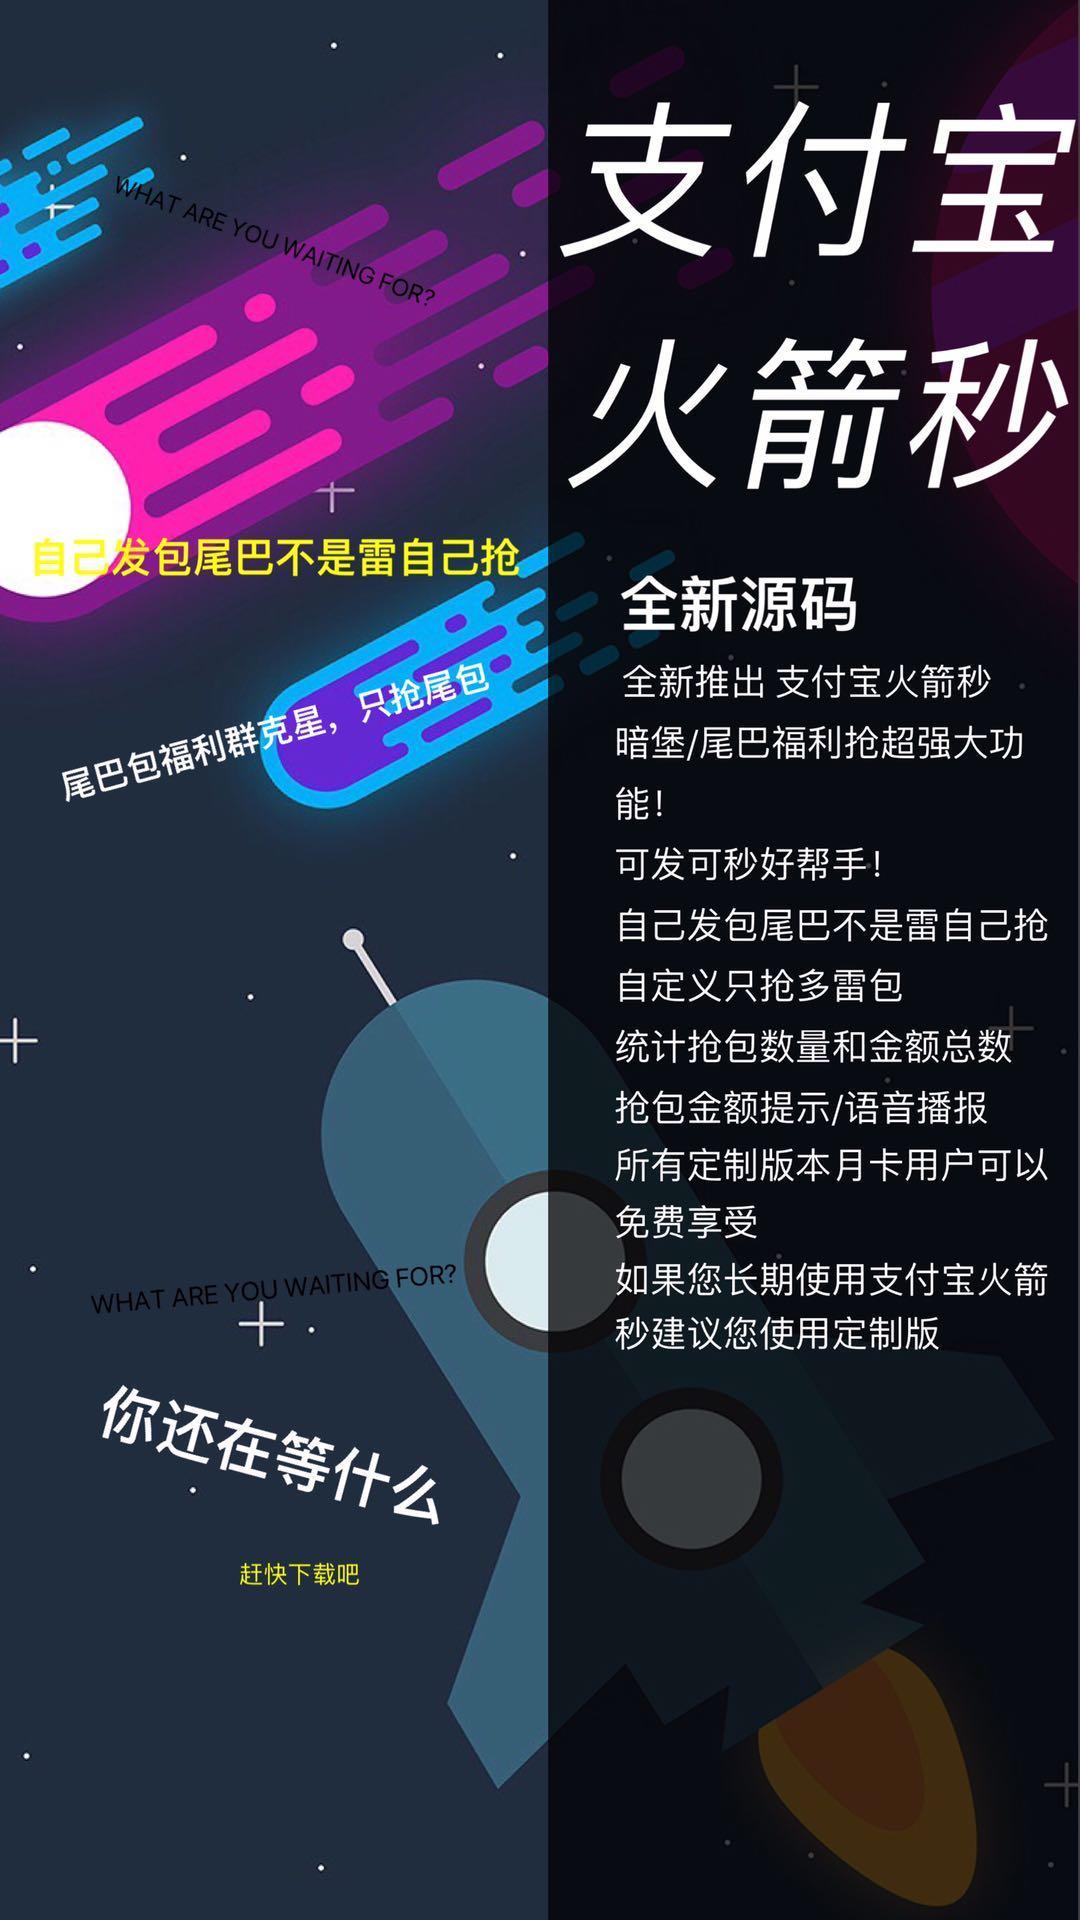 【支付宝火箭秒】月卡授权 正版源码开发